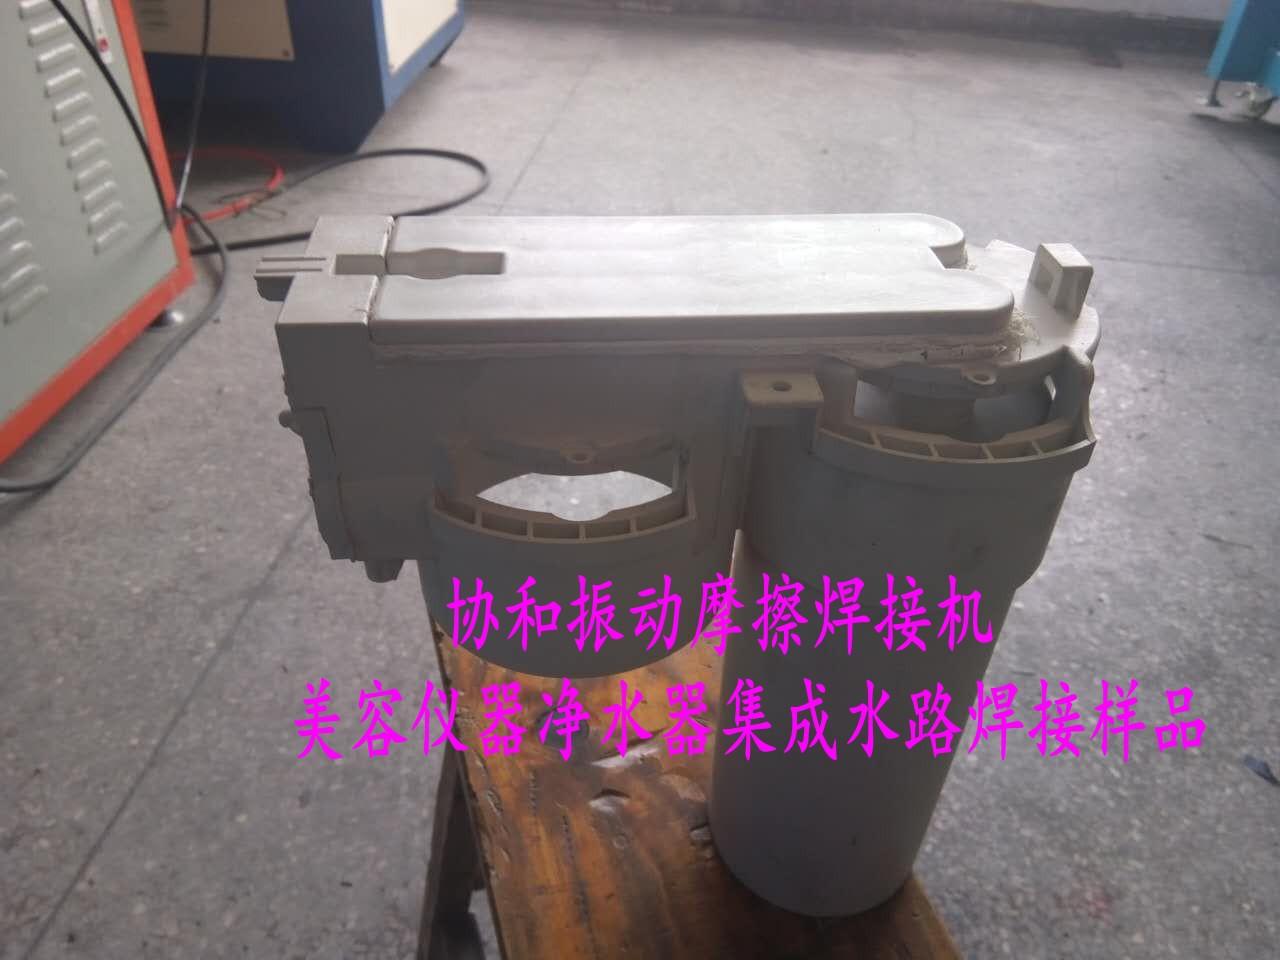 线性振动摩擦焊接机  XH-04型号 眼镜胶板医疗透析容器振动摩擦机示例图14